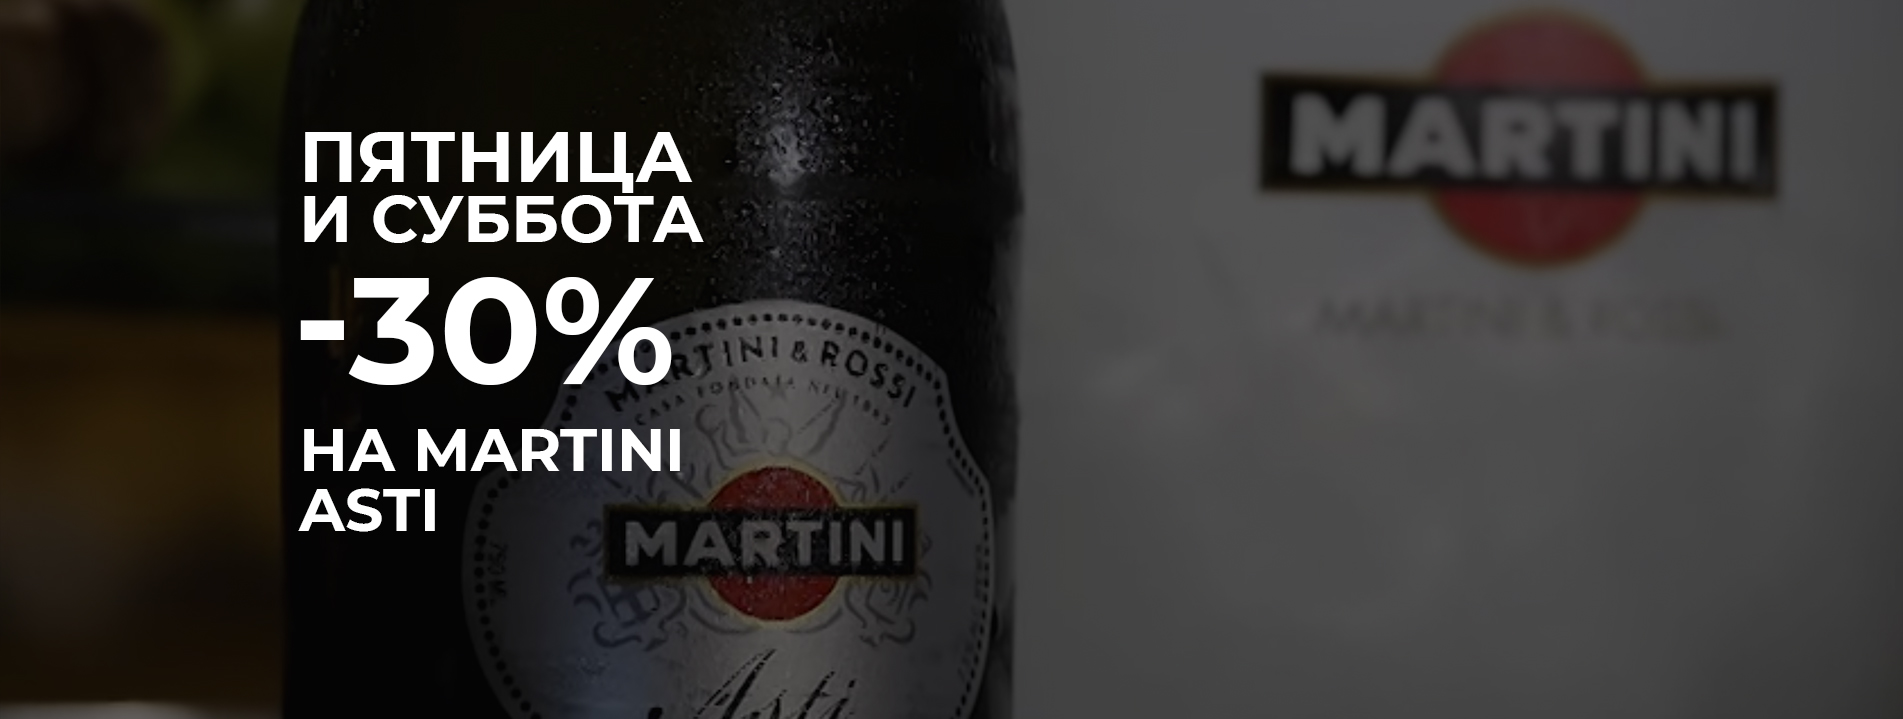 ПЯТНИЦА И СУББОТА -30%